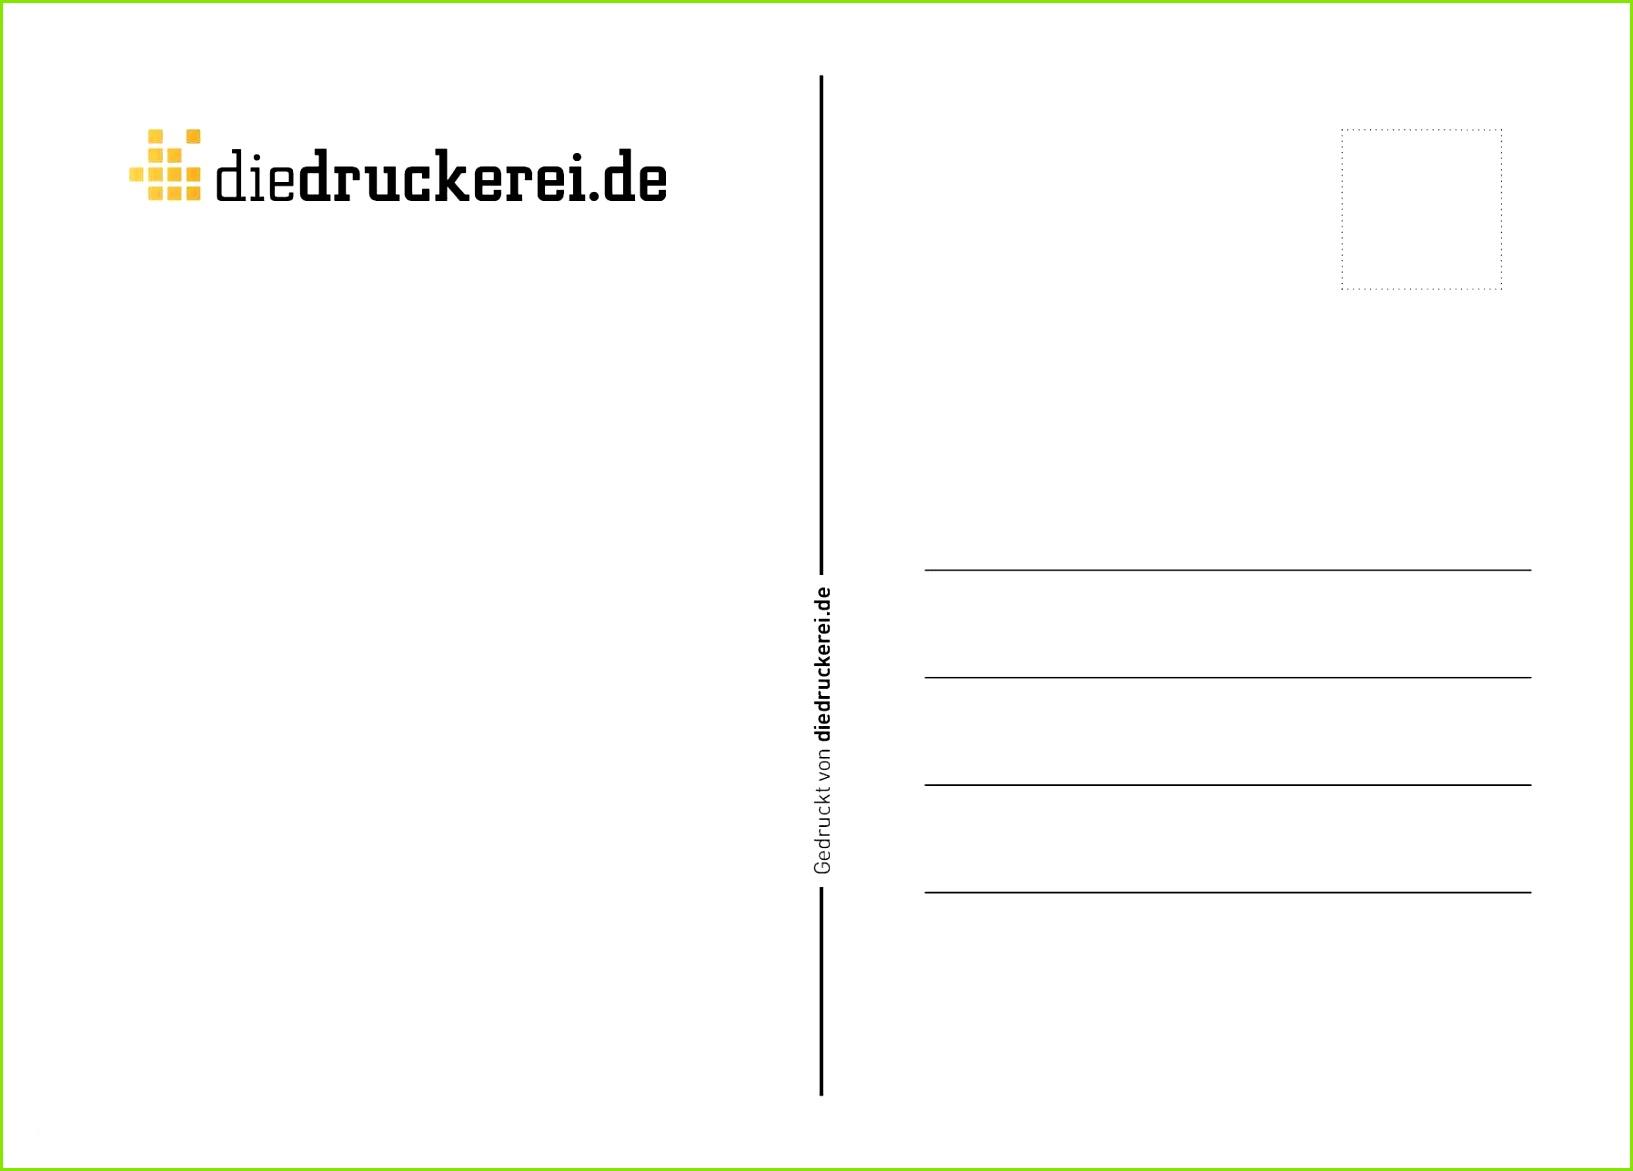 Postkarte Vorlage Schön Vorlage Postkarte Jetzt Herunterladen Media Image 0d 59 82